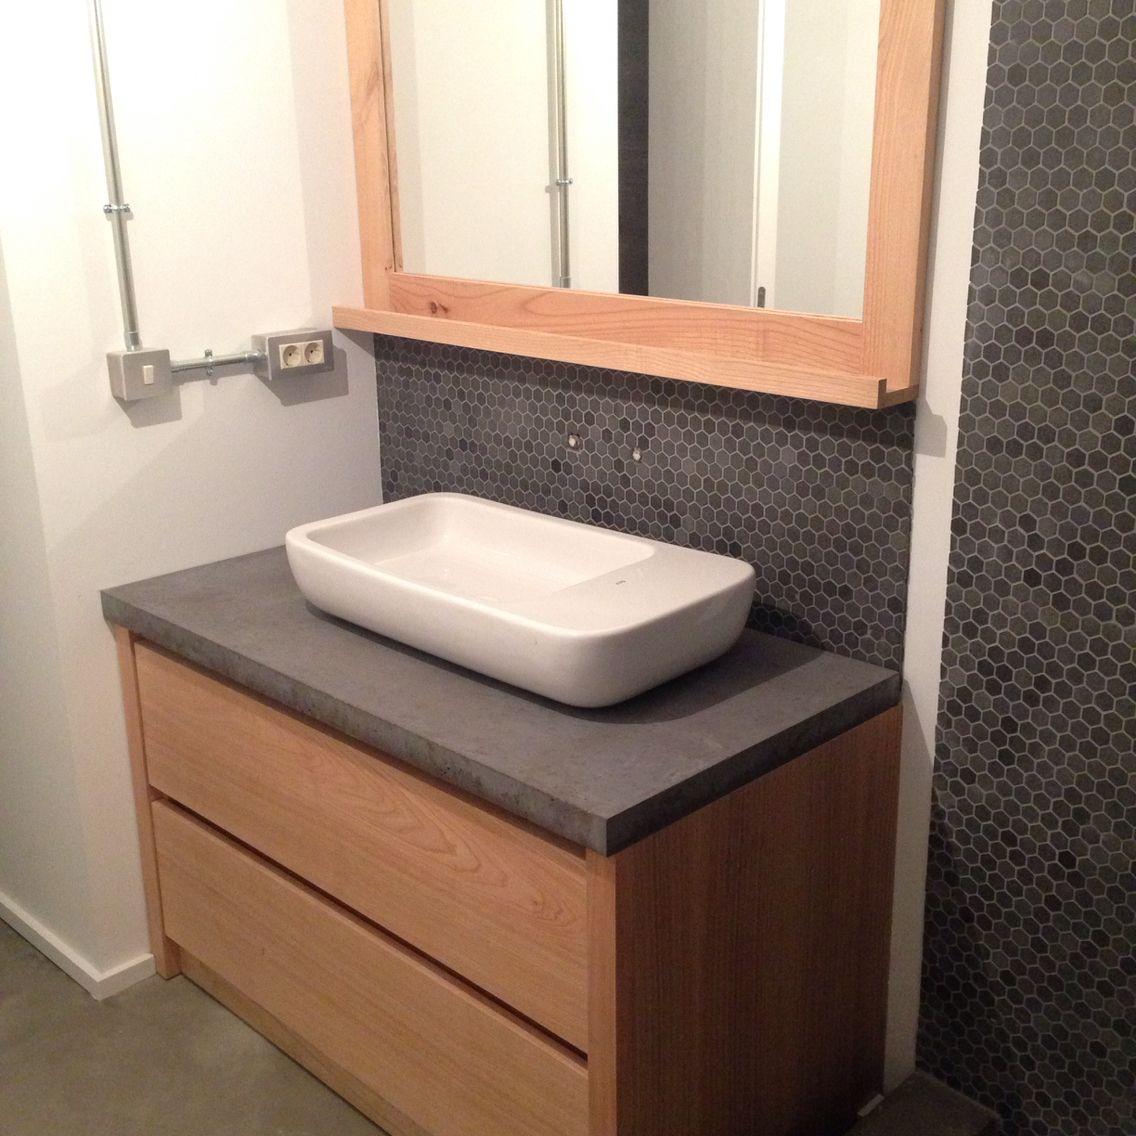 lavabo cermico sobre encimera de hormign con mueble de madera a medida